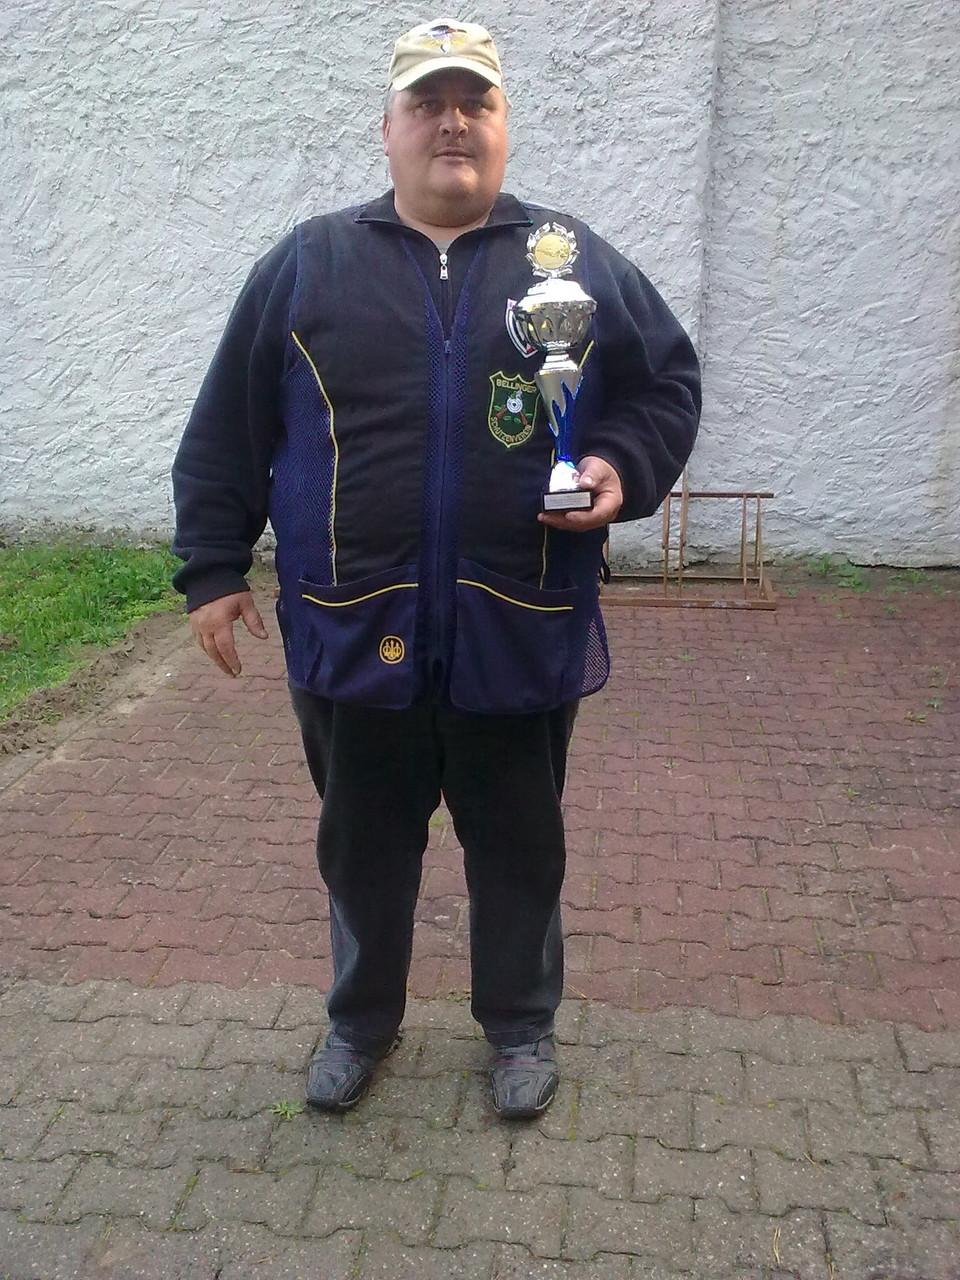 Andreas Pietz 1. Platz in der Alterklasse beim 10. Doppeltrapschießen am 04.10.15 in Torgelow